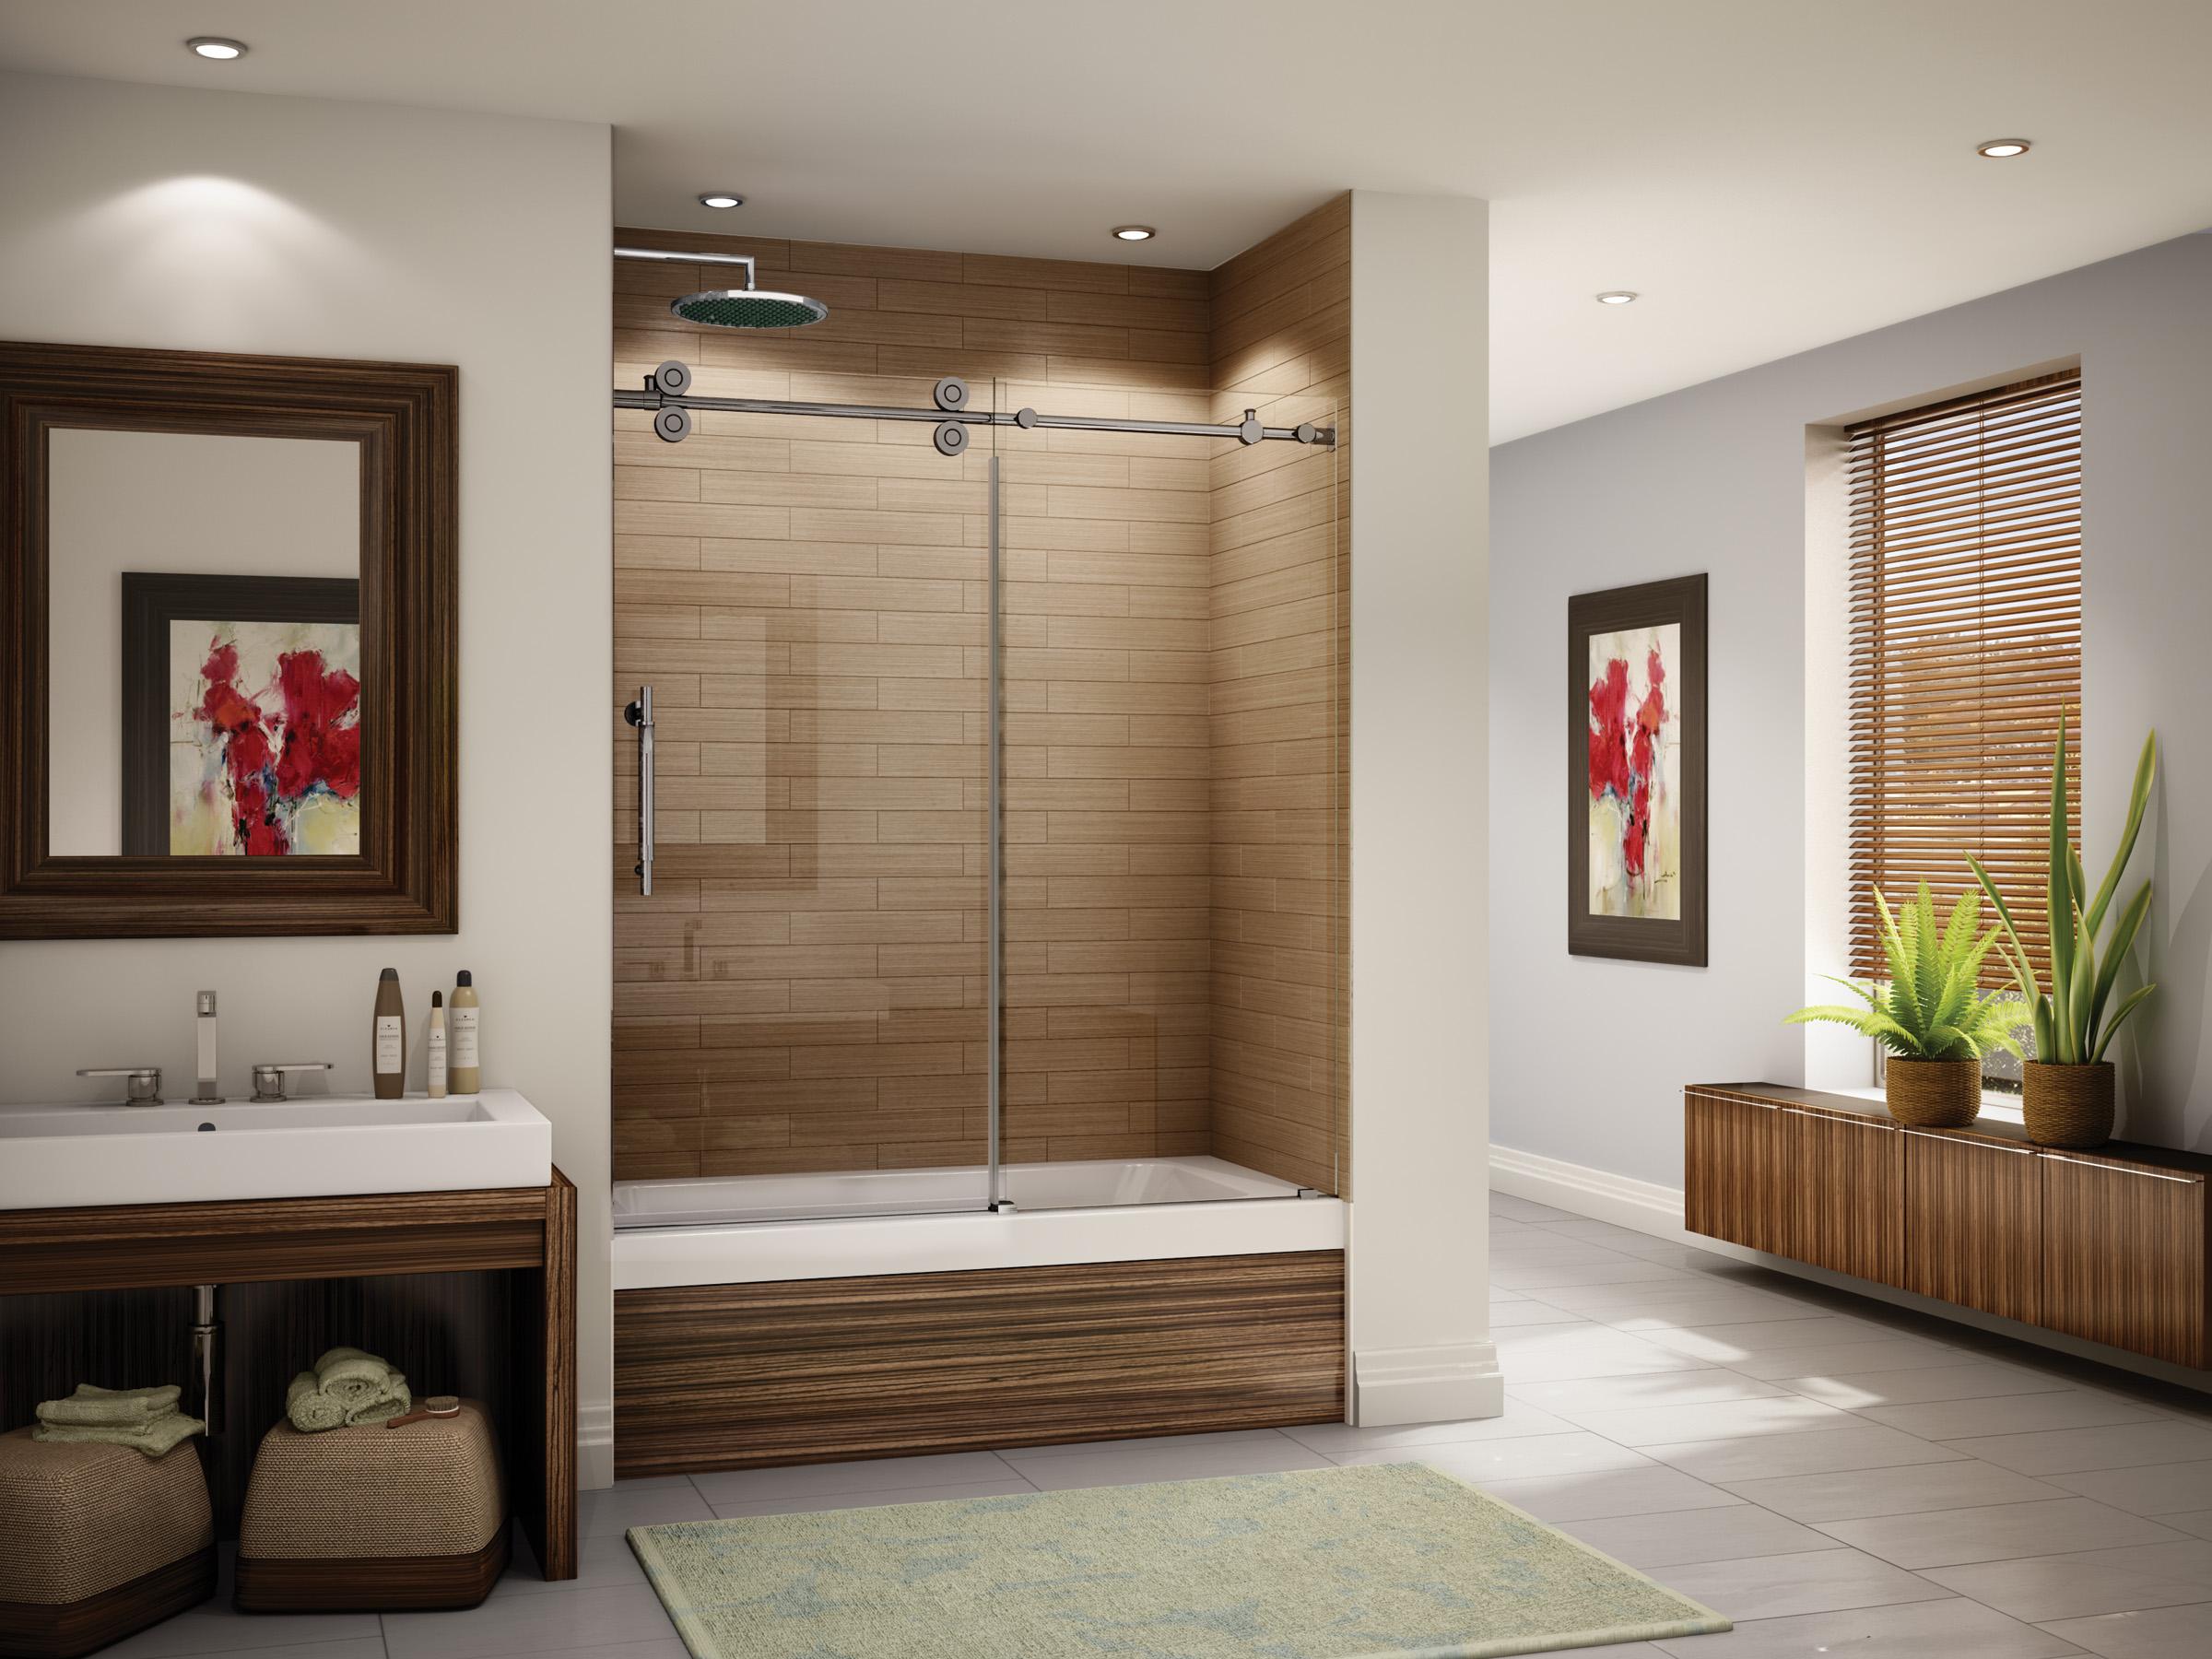 Fleurco portes de douche en verre kinetik kt baignoire for Porte vitree pour baignoire